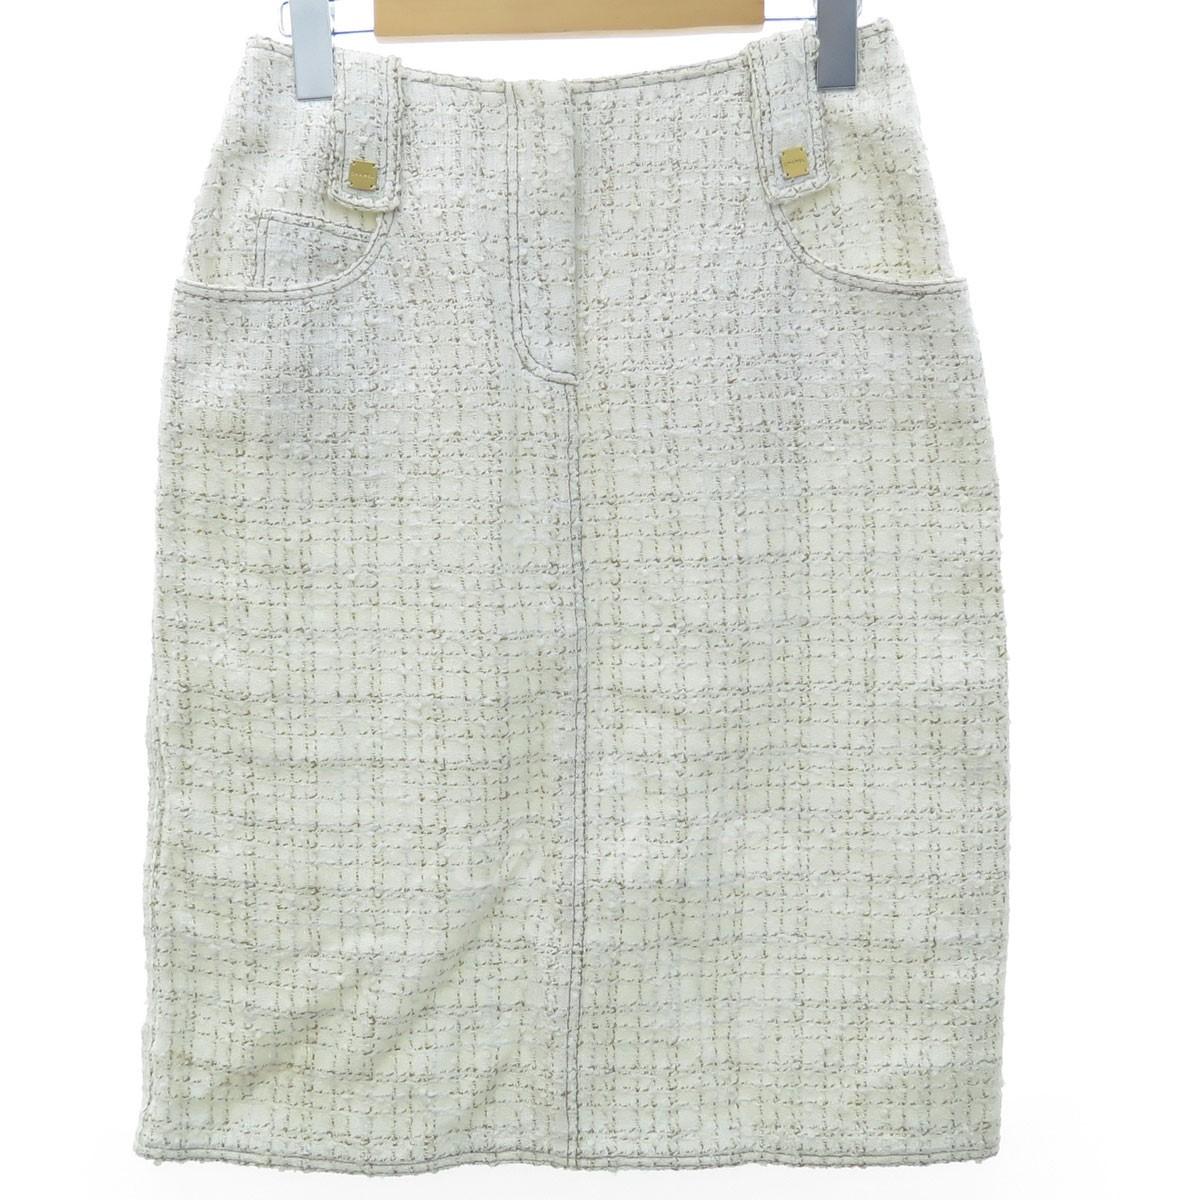 【中古】CHANEL 01P サマーツイードスカート ホワイト サイズ:38 【送料無料】 【140319】(シャネル)